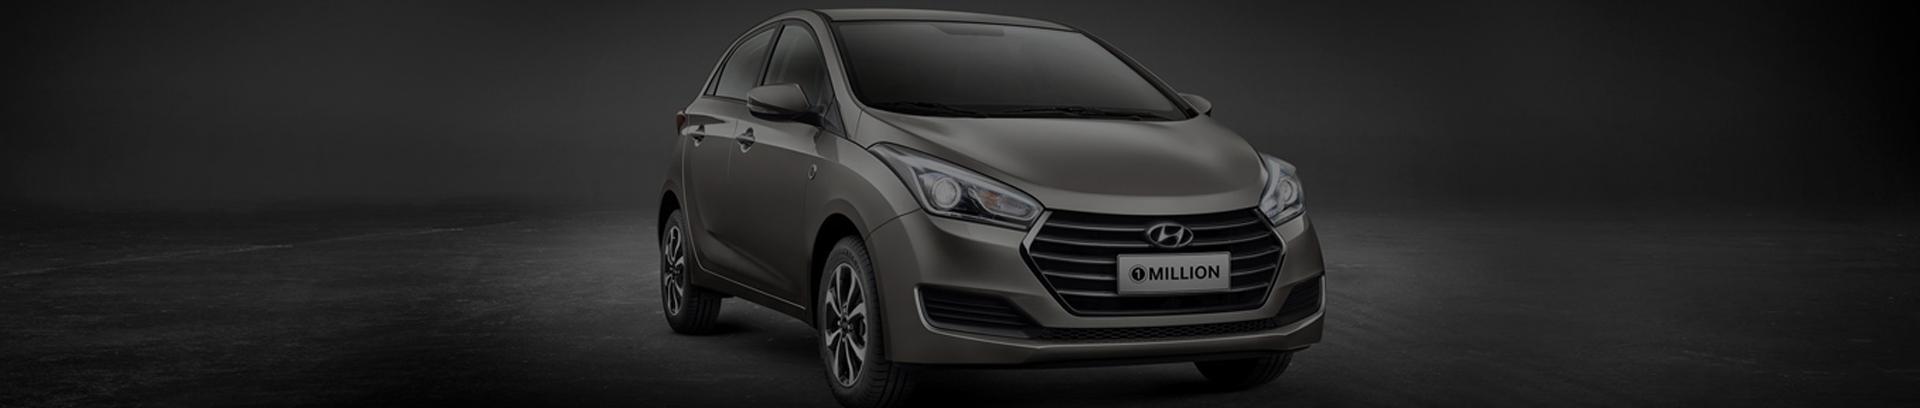 2018 Hyundai